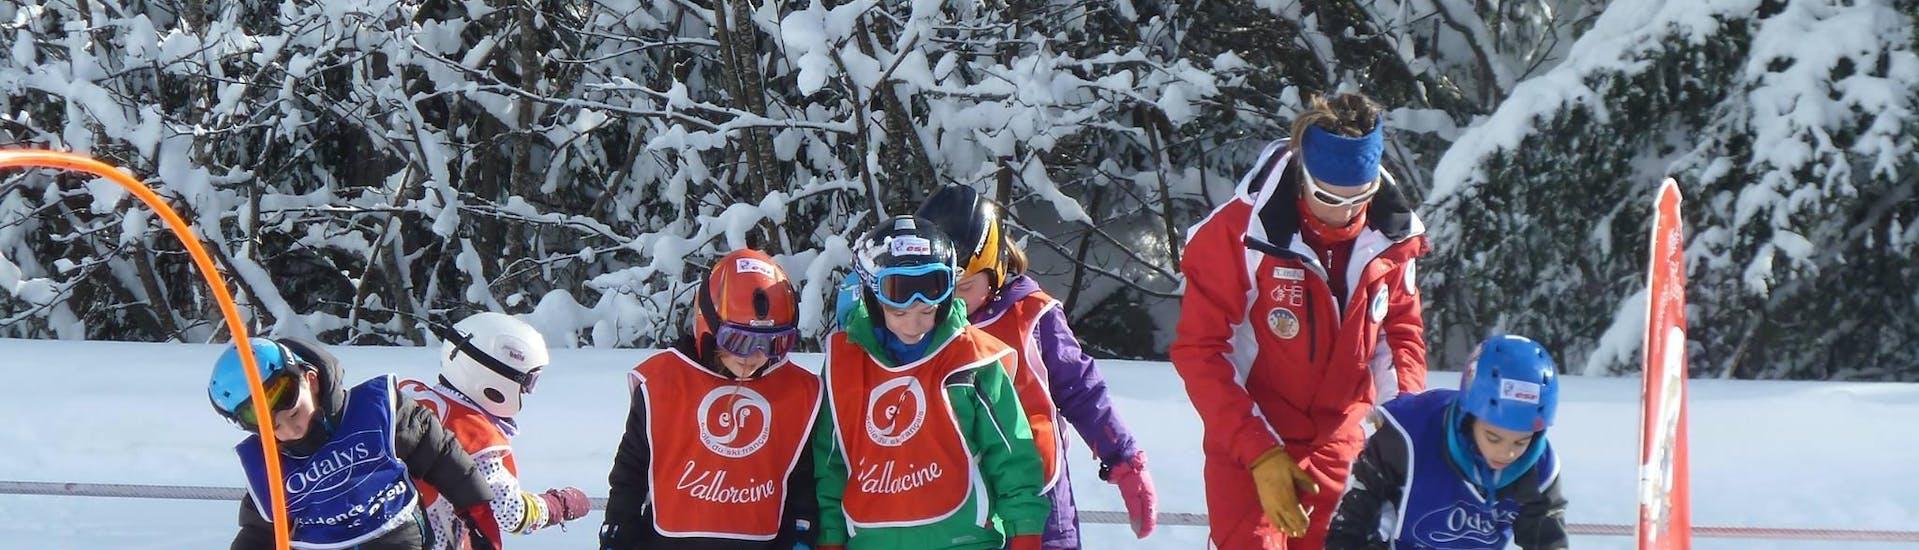 Kids Ski Lessons (3-8 y.) in Vallorcine/La Poya